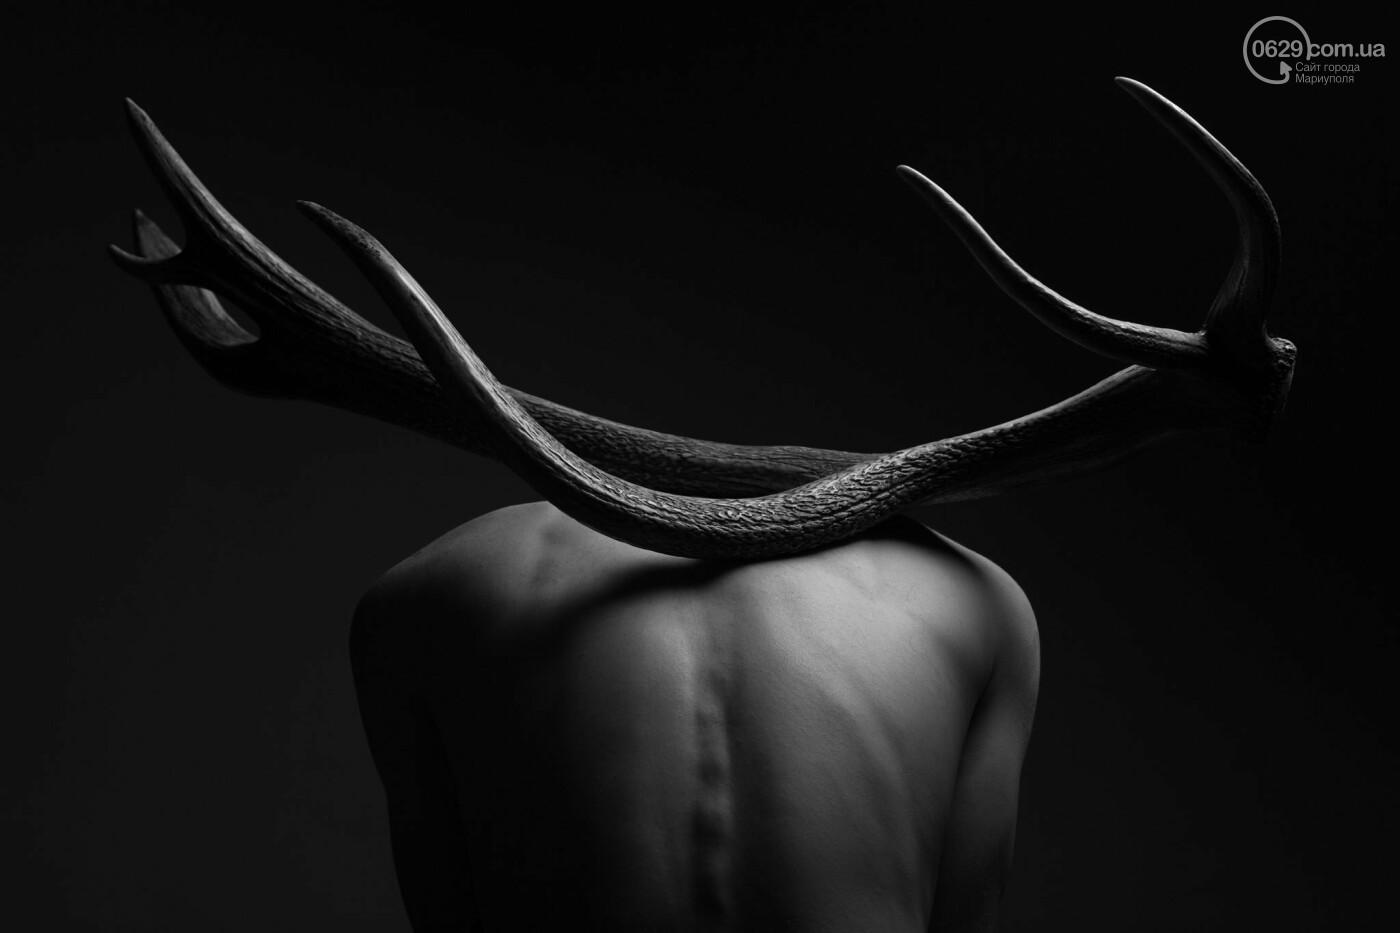 Мужские тела на снимках мариупольского фотографа Романа Сафронова, - ФОТО, фото-6